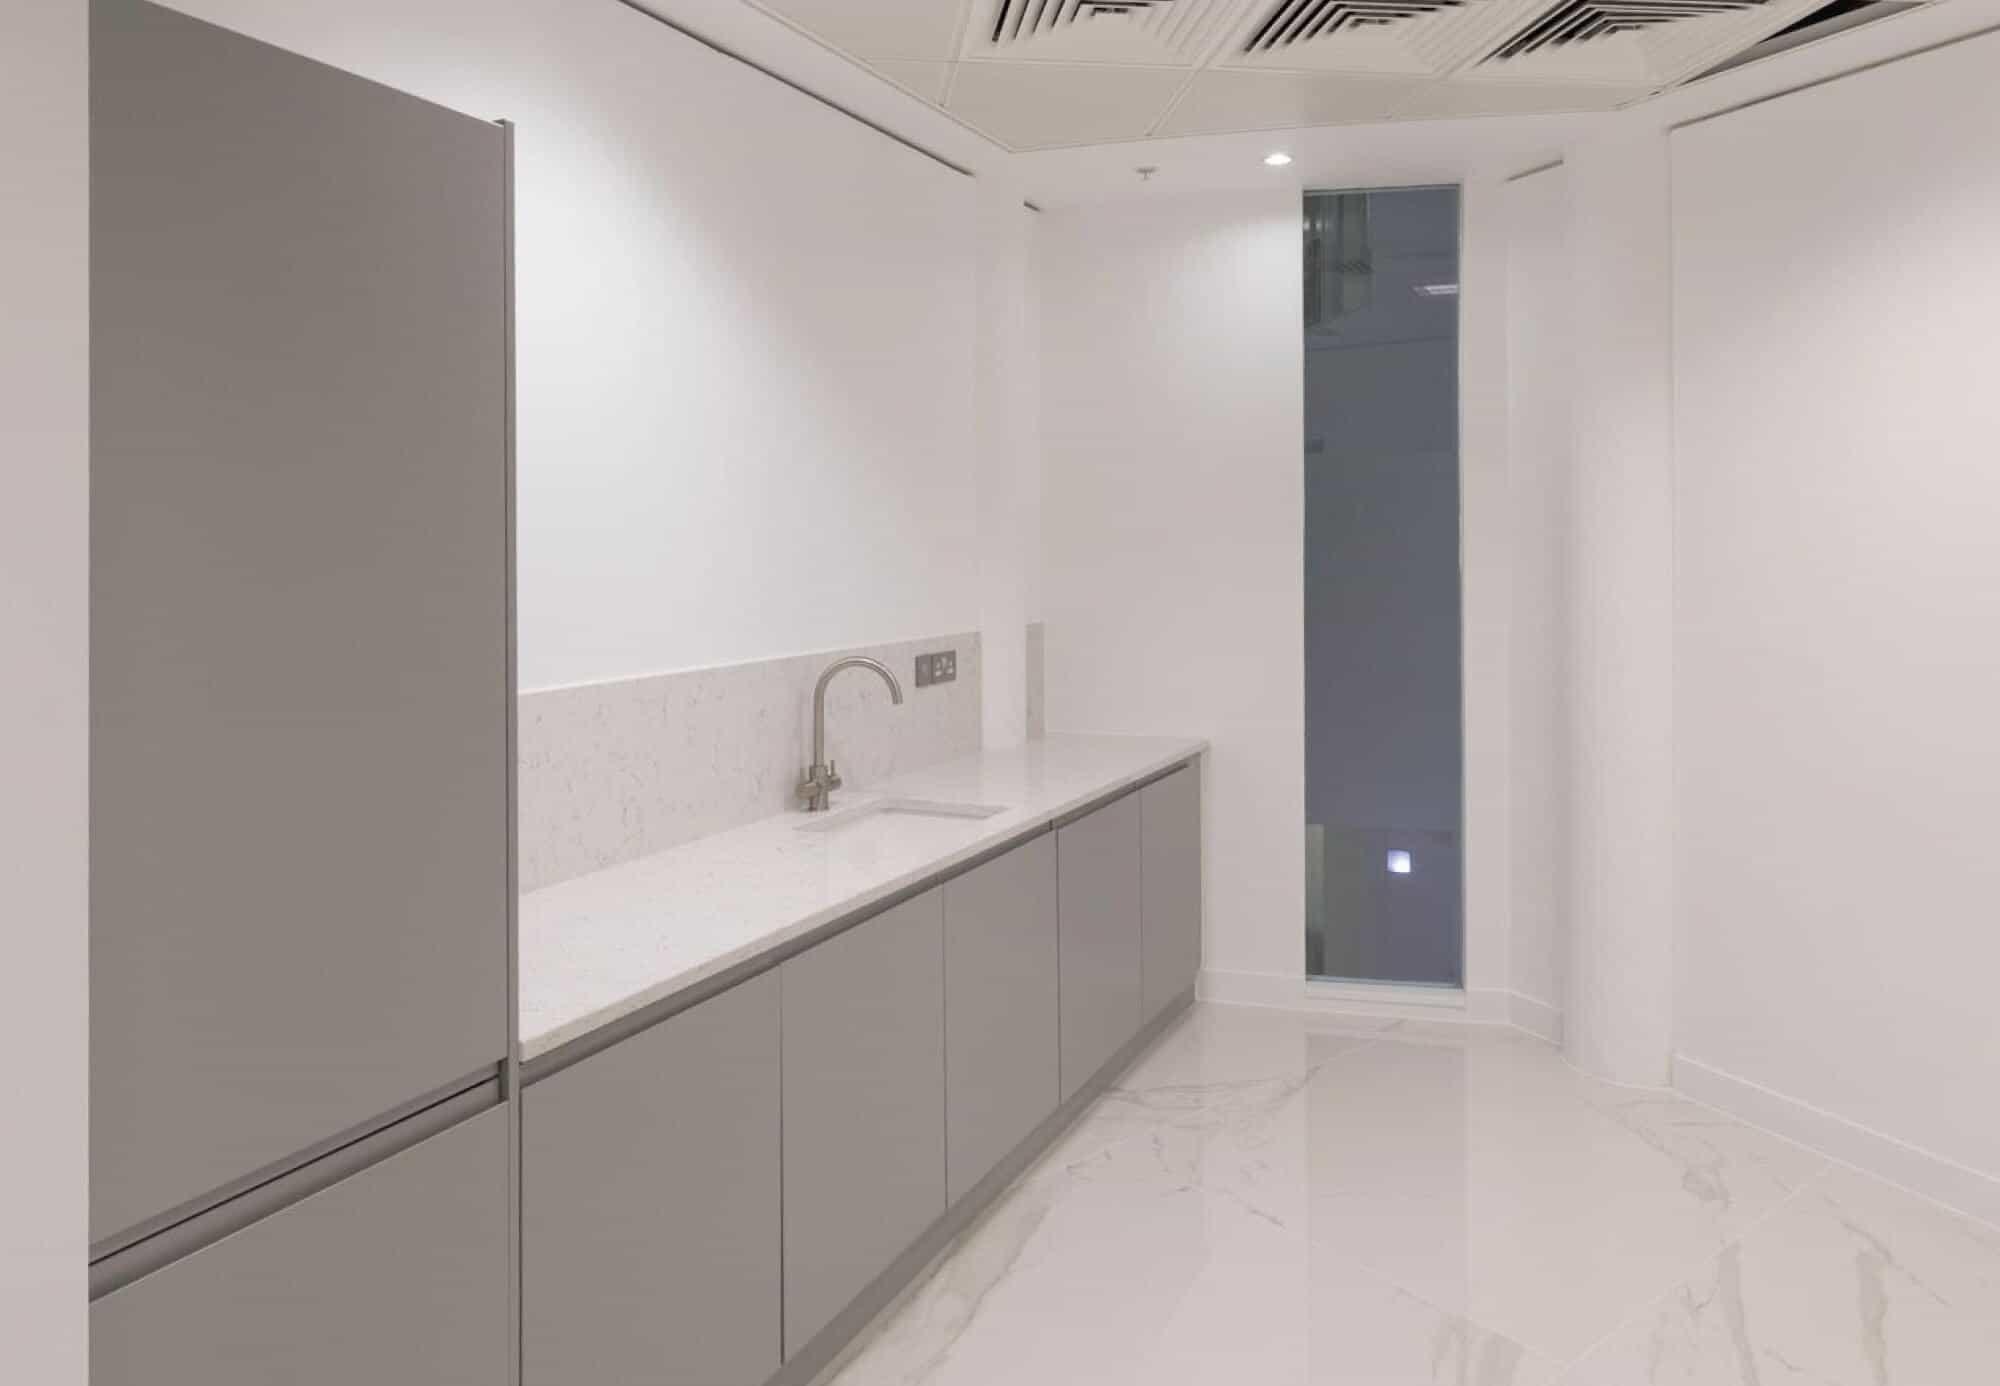 Commercial Kitchen Design - Minimalist